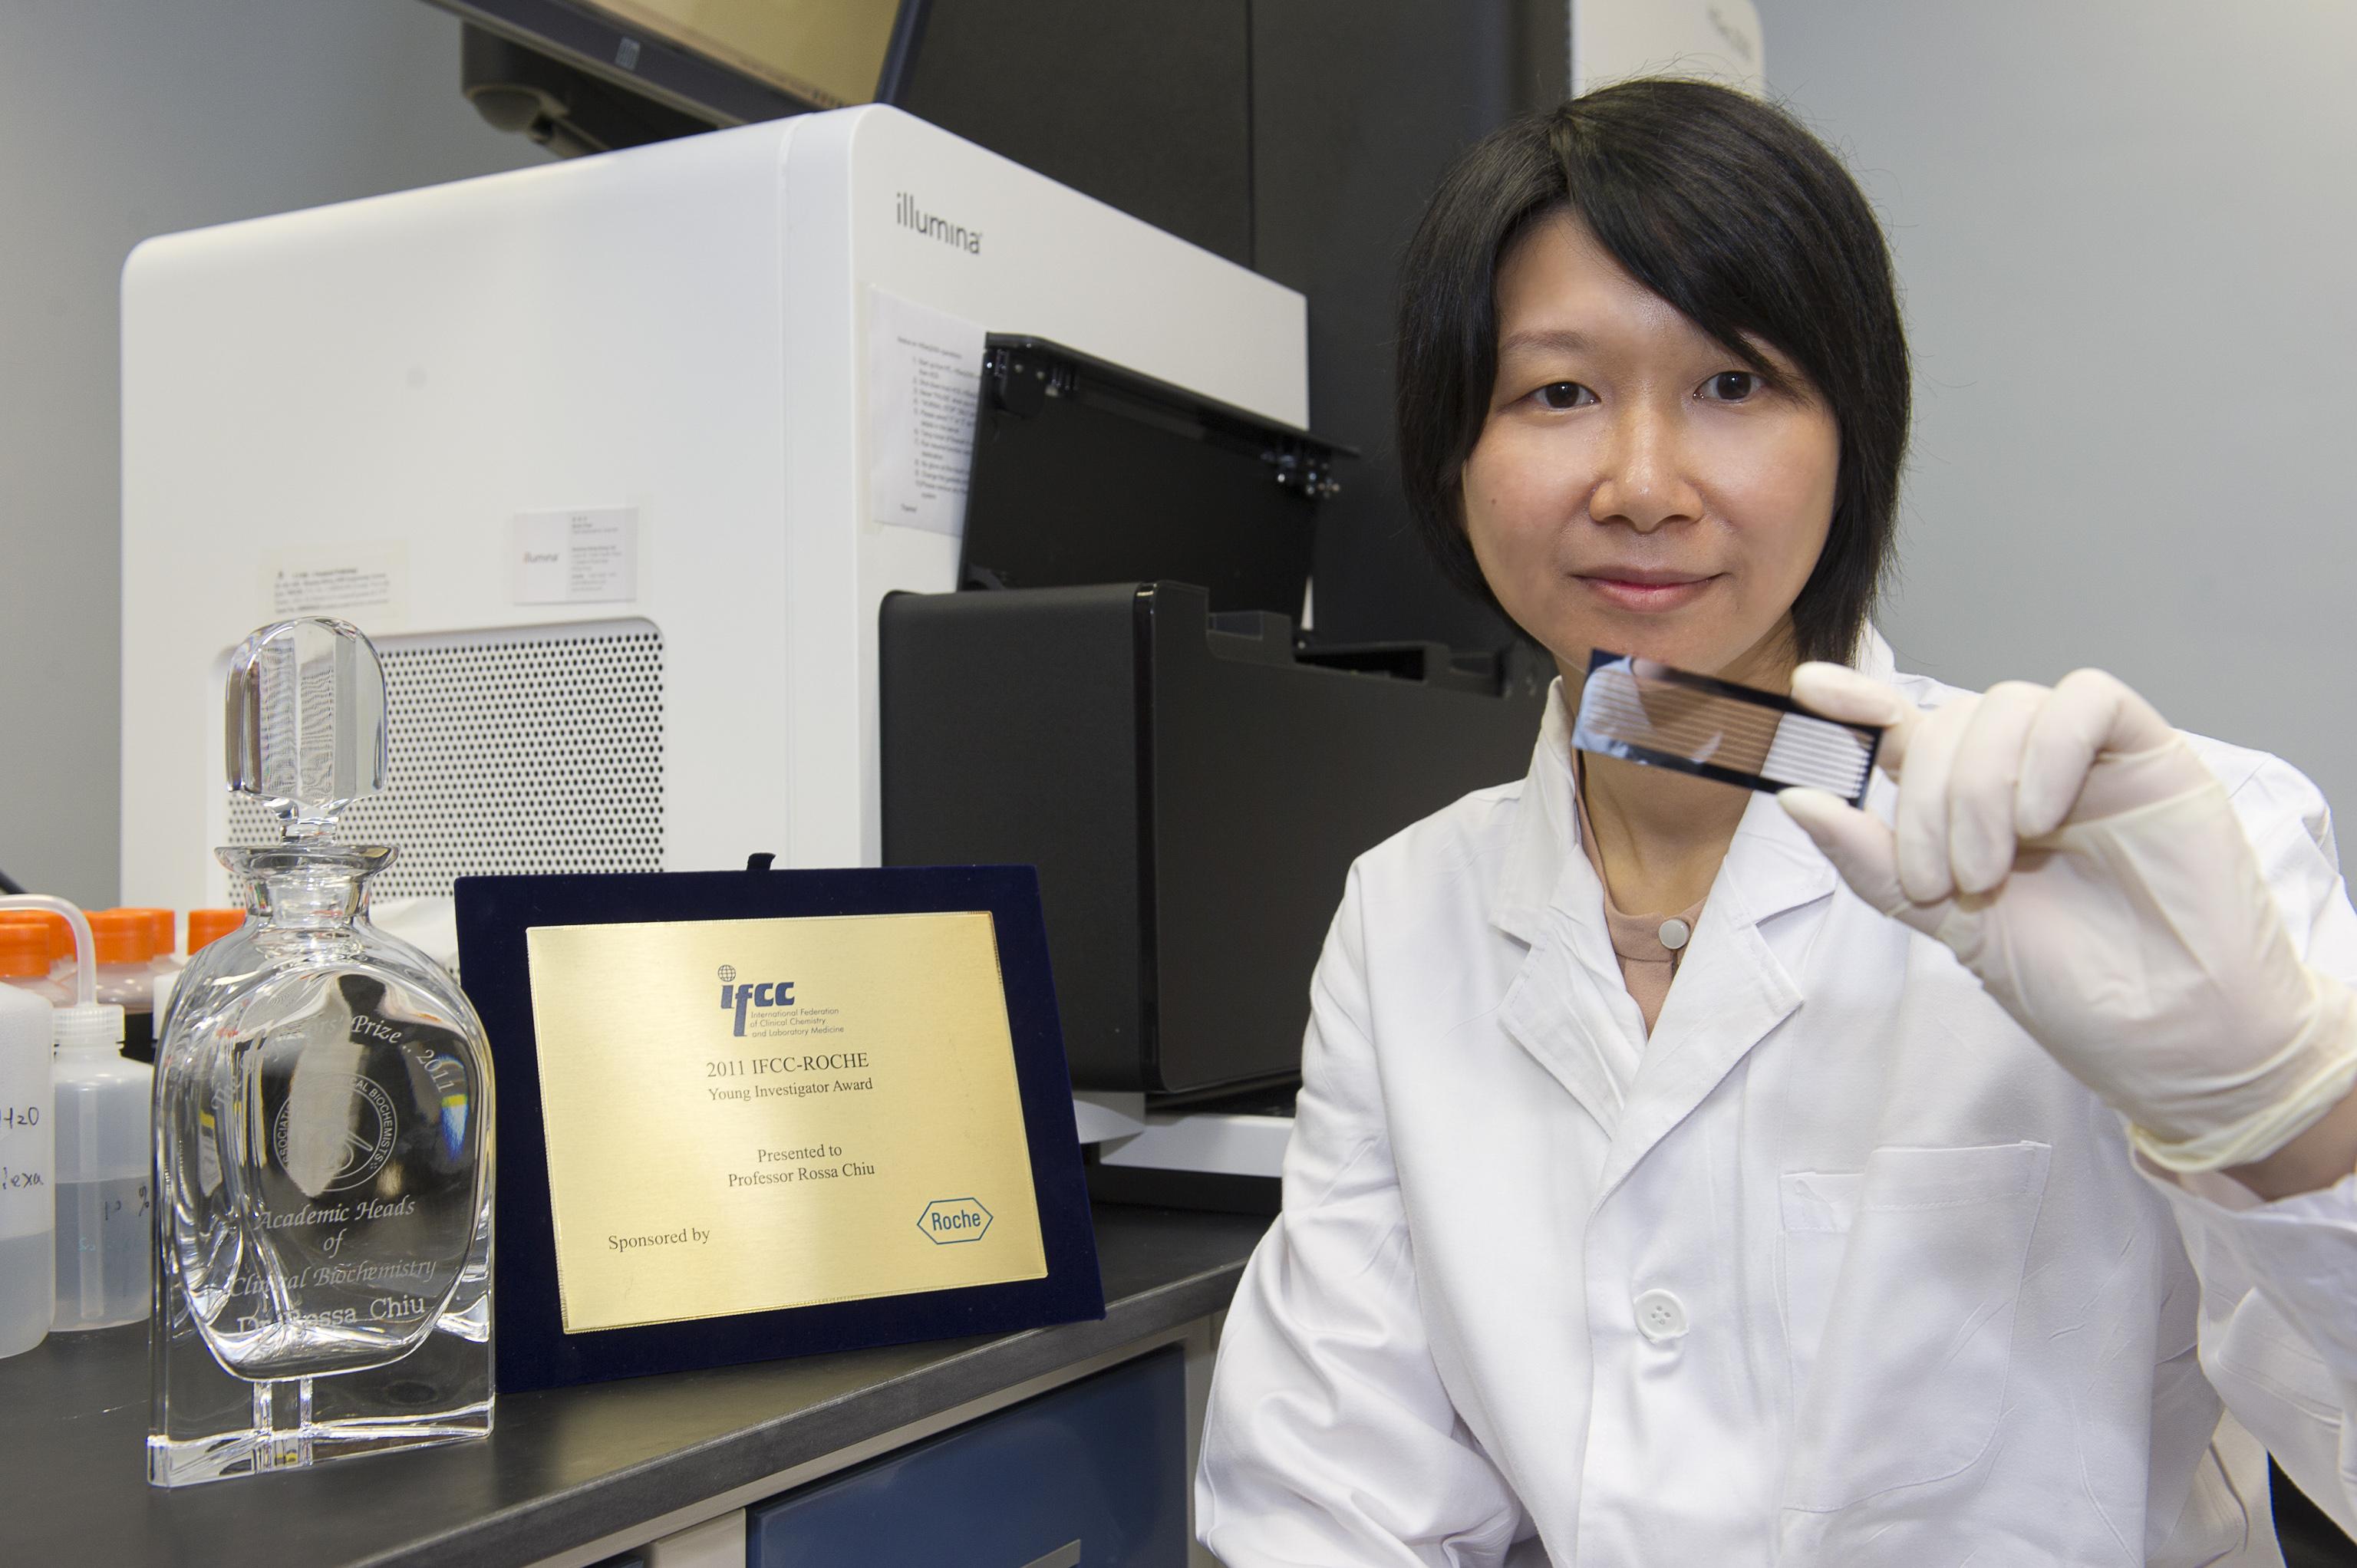 趙慧君教授展示測序晶片。